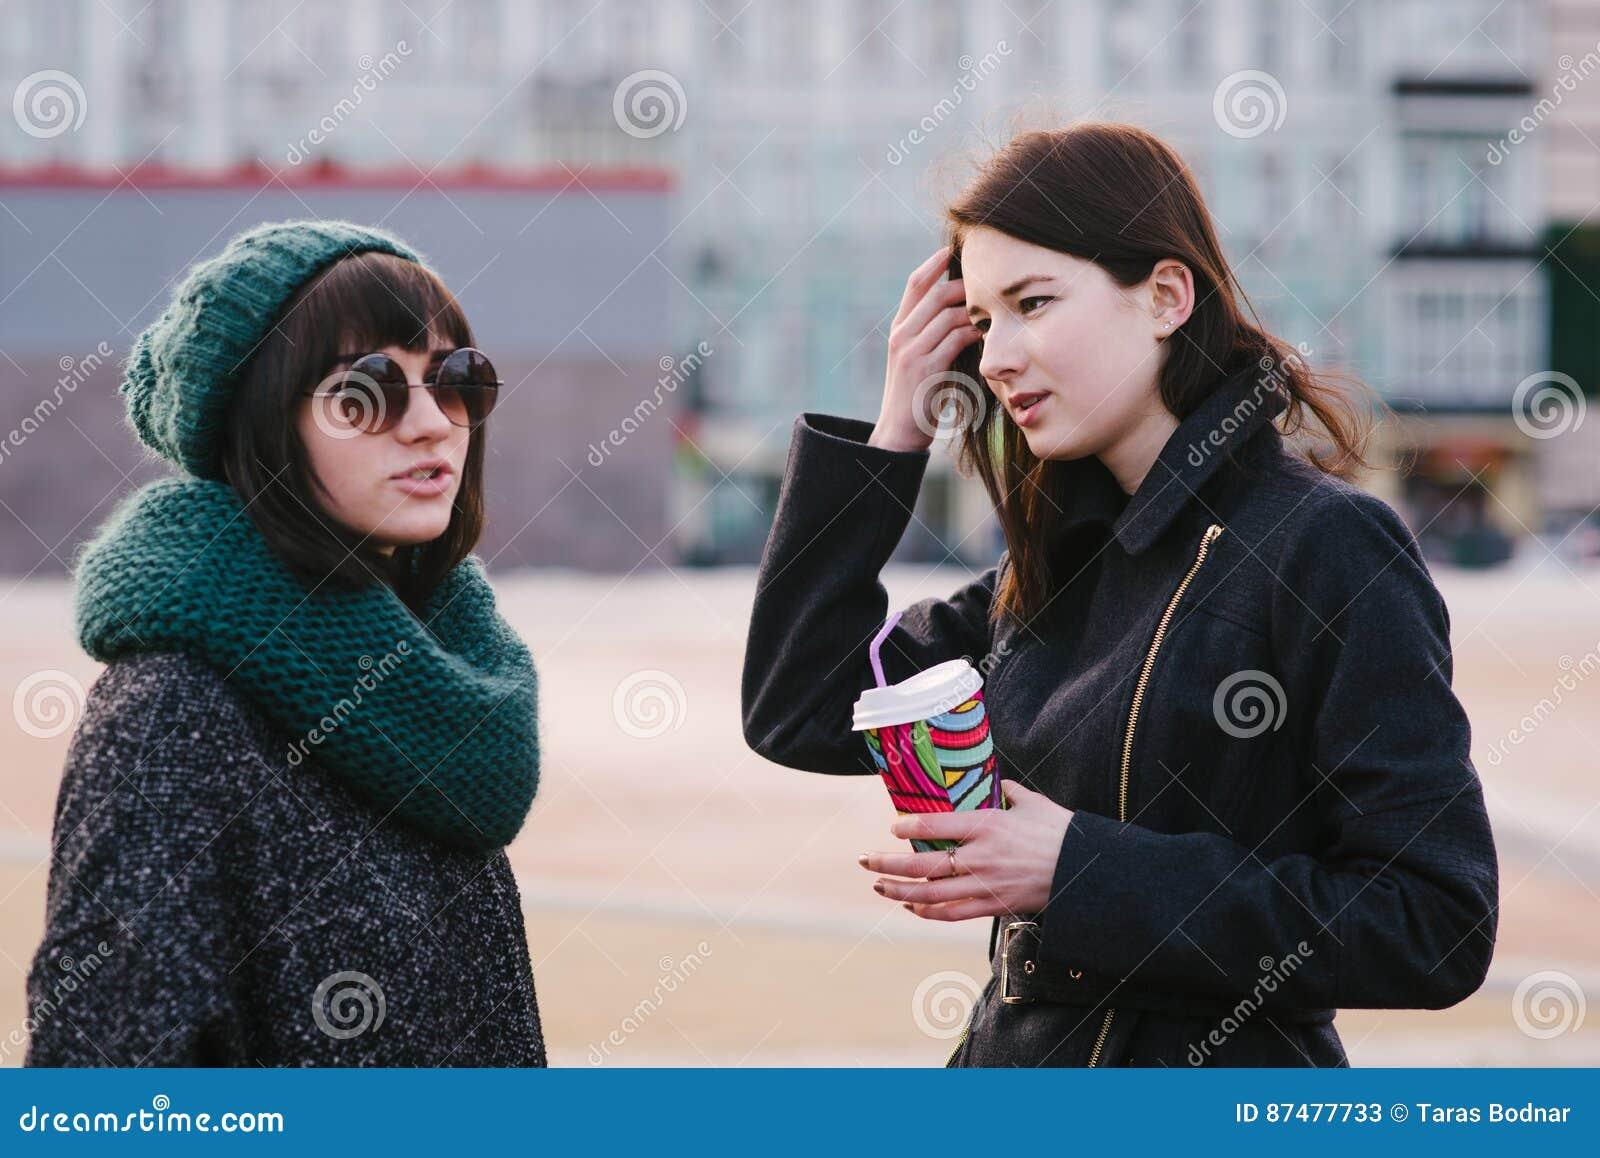 Portret van twee modieuze en mooie meisjes die zich op het midden van de stadsstraat bevinden